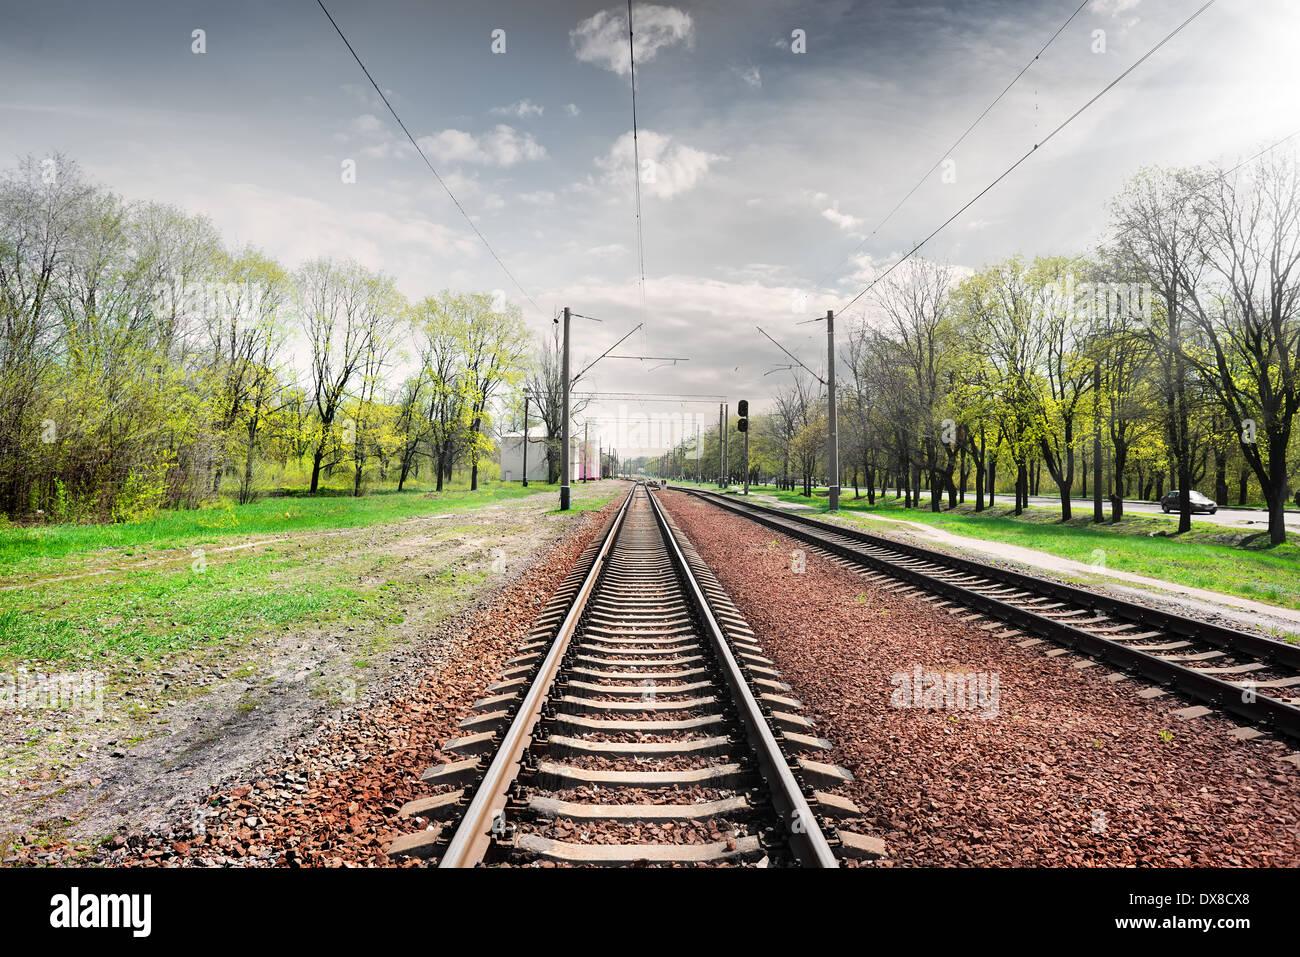 Grauen bewölktem Himmel über Eisenbahn im Frühjahr Stockbild